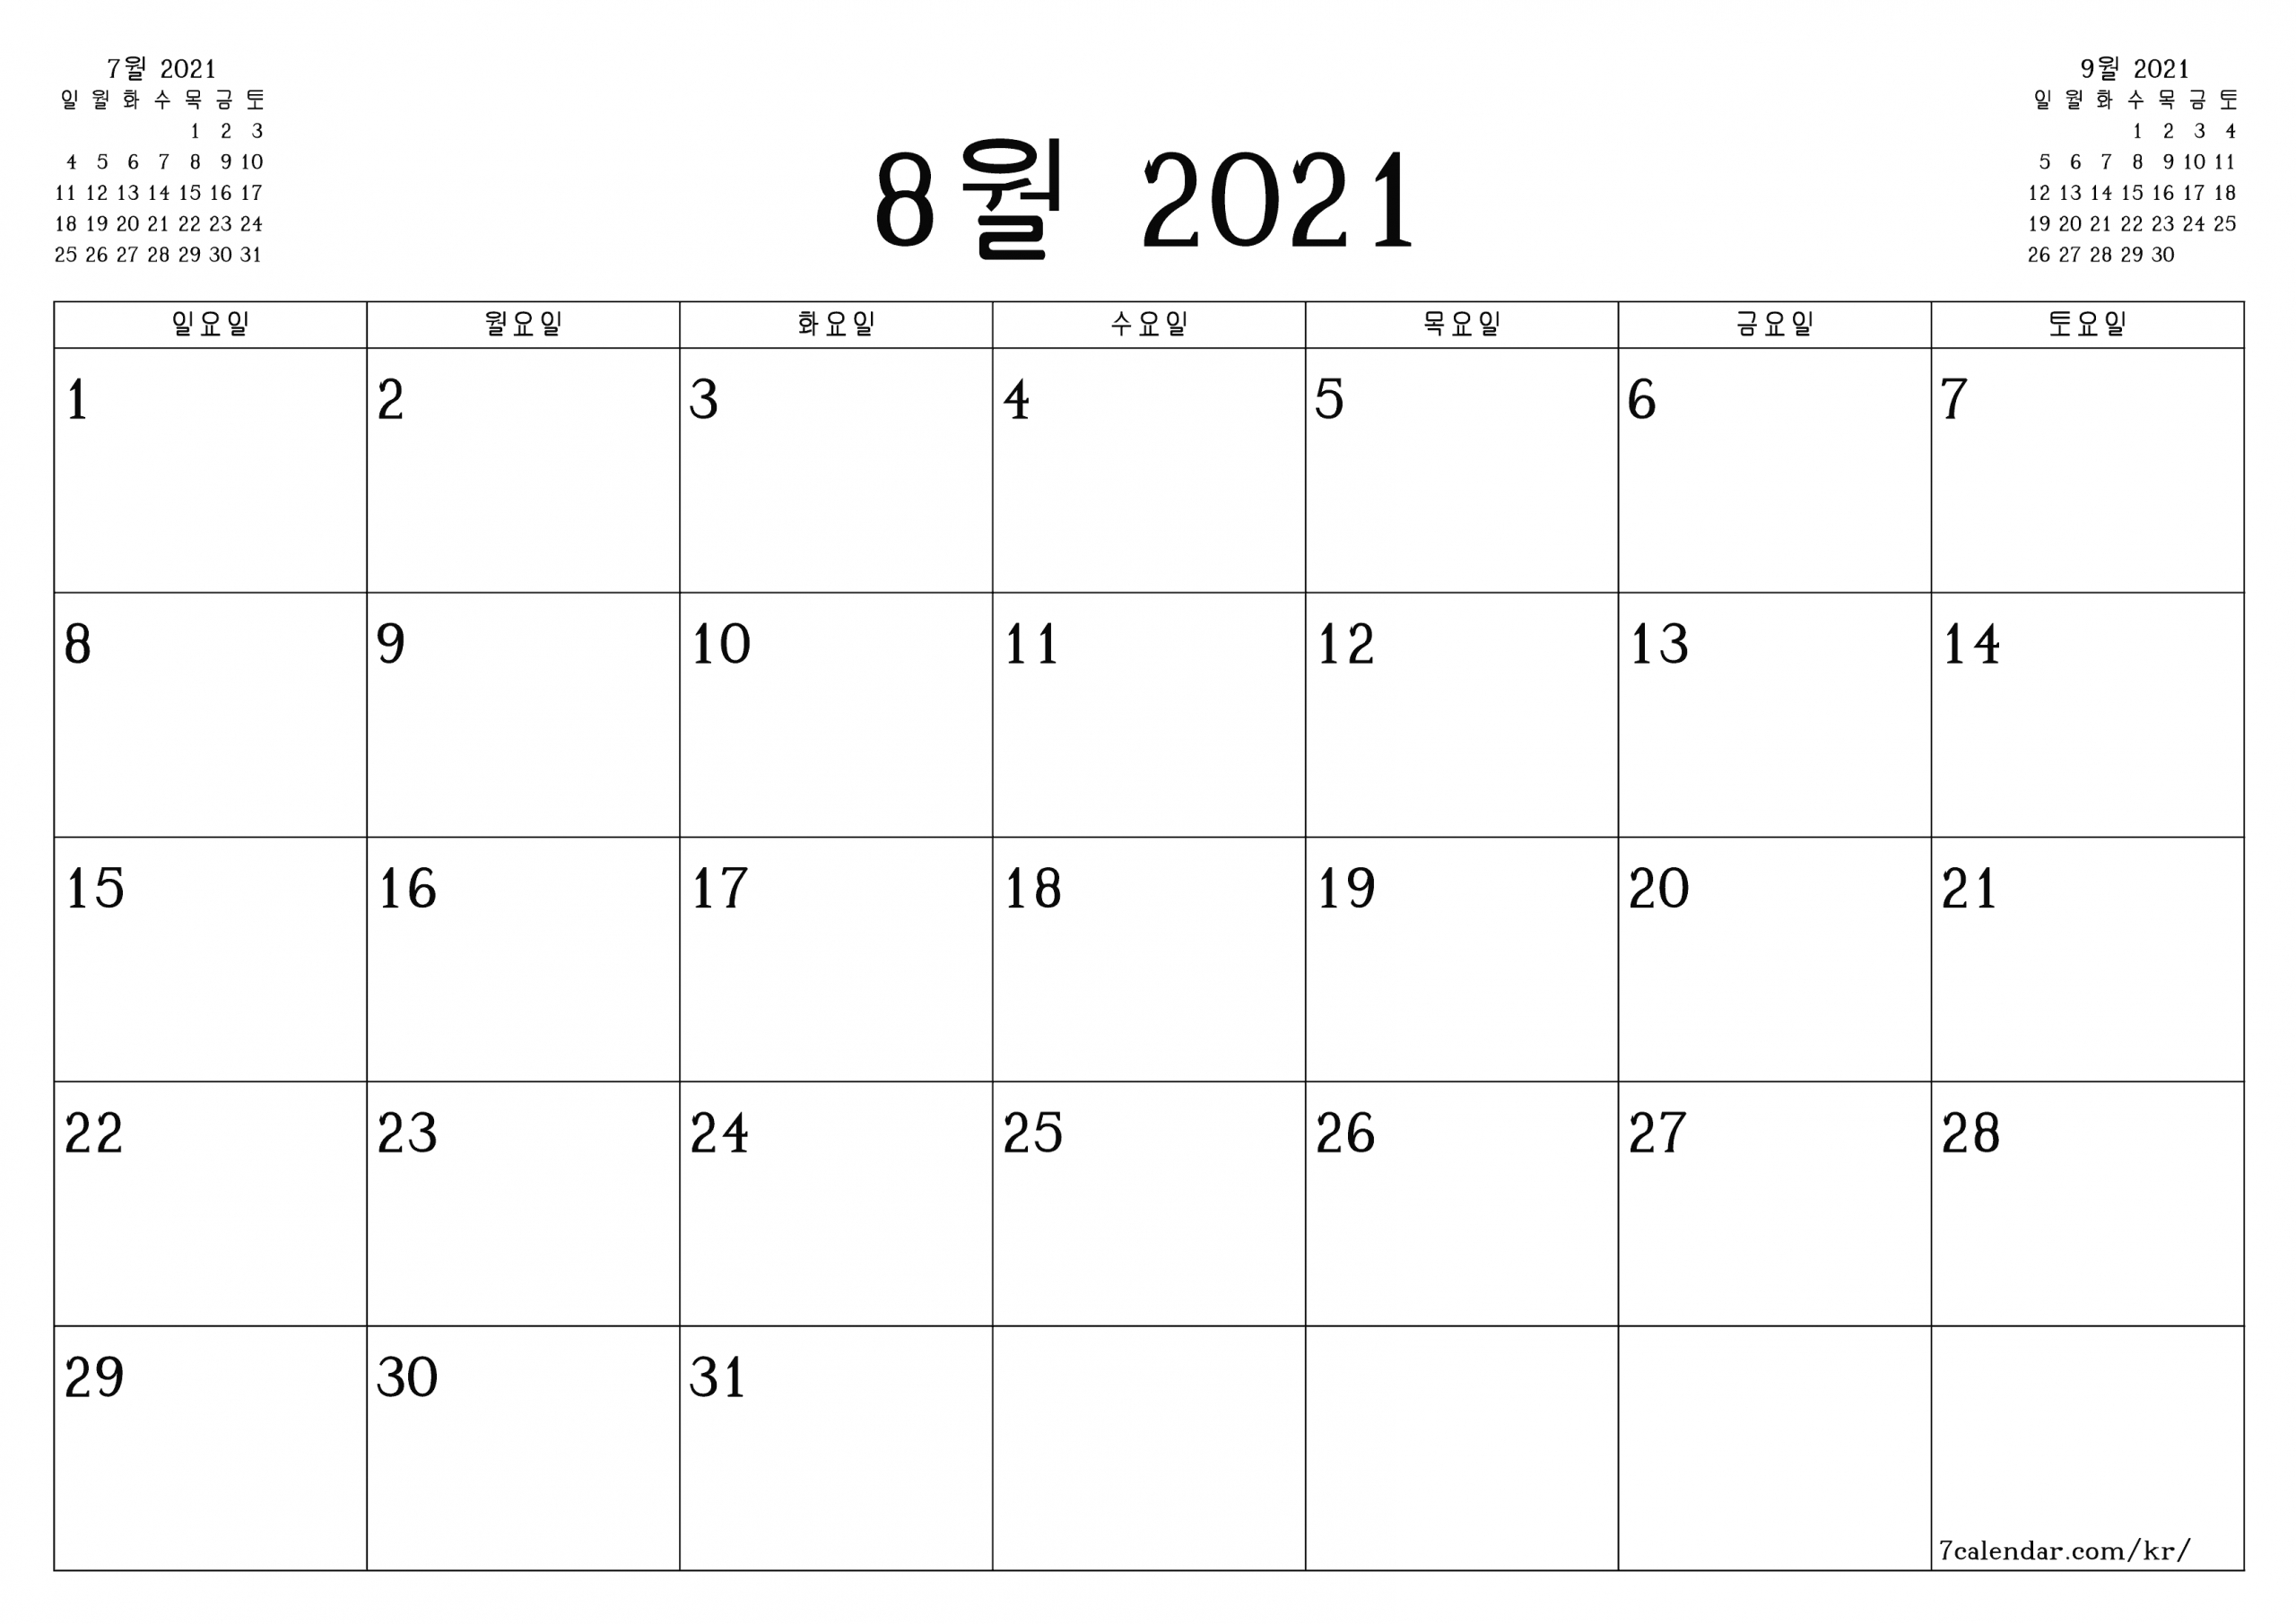 Ecba98Eba6B0Eb8D94 Eab880Eb9Dbcec9Db4Eb8D94 Ec9Db8Ec8784 for Waterproof Calendars Printable 2021